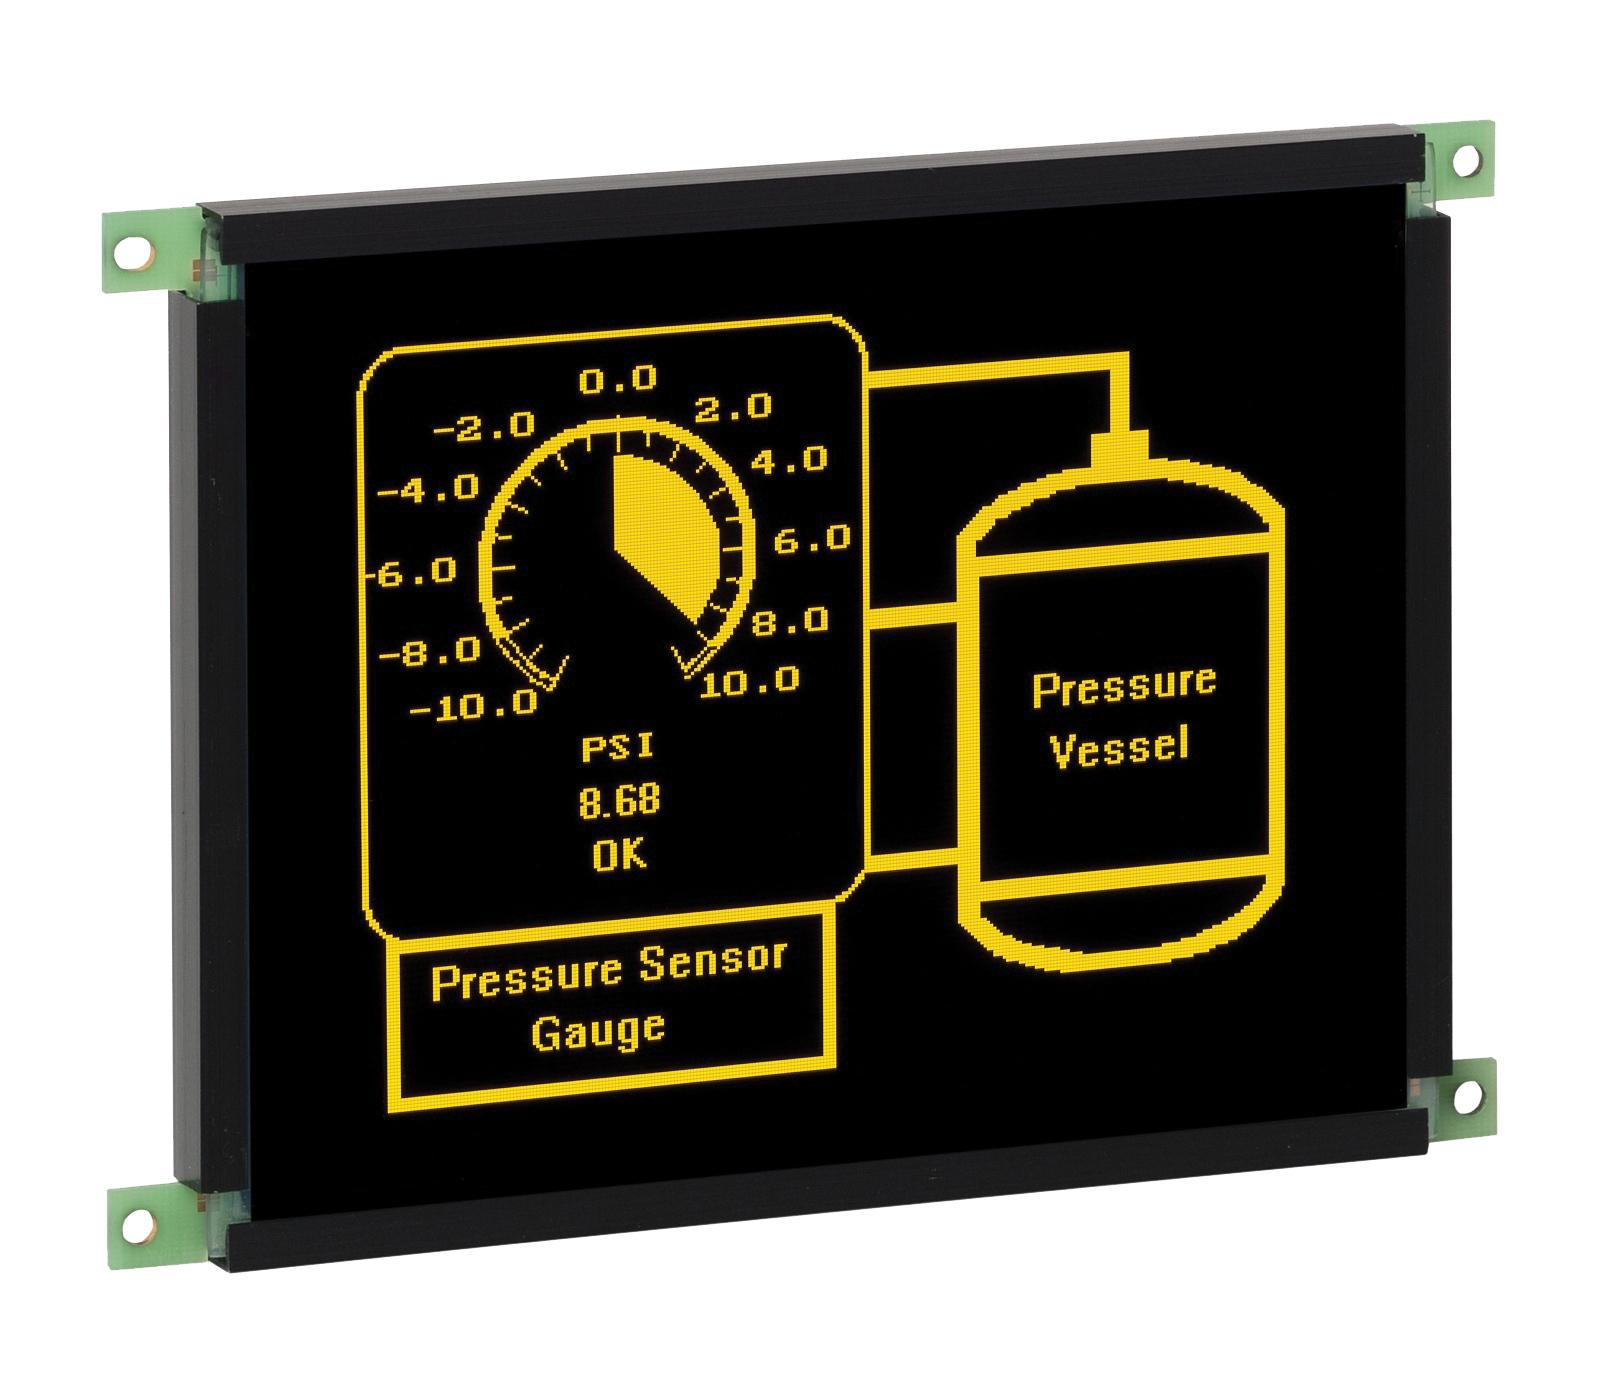 QVGA-дисплей с защитным покрытием печатных плат  и фиксируемым  соединителем